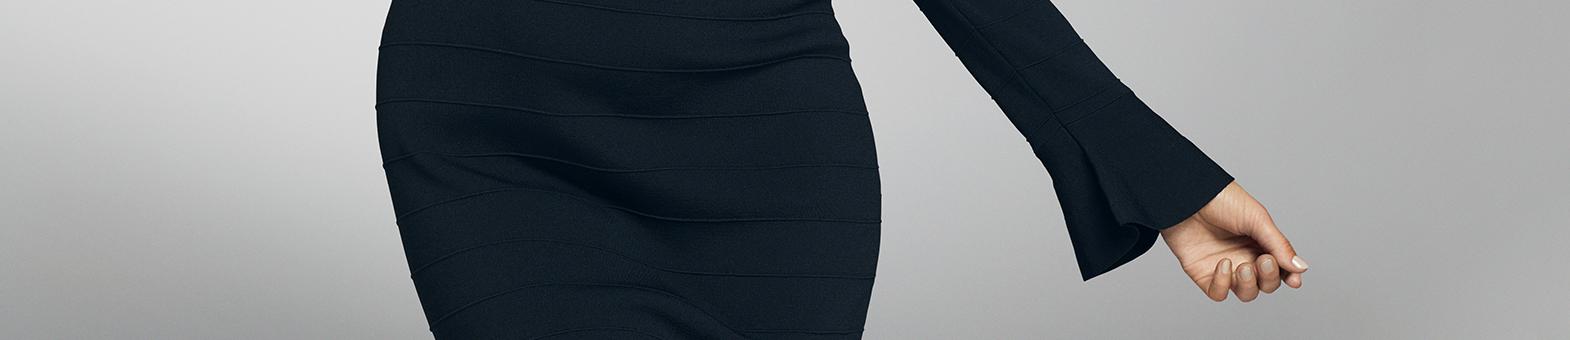 Fiorella Rubino: saldi vestiti